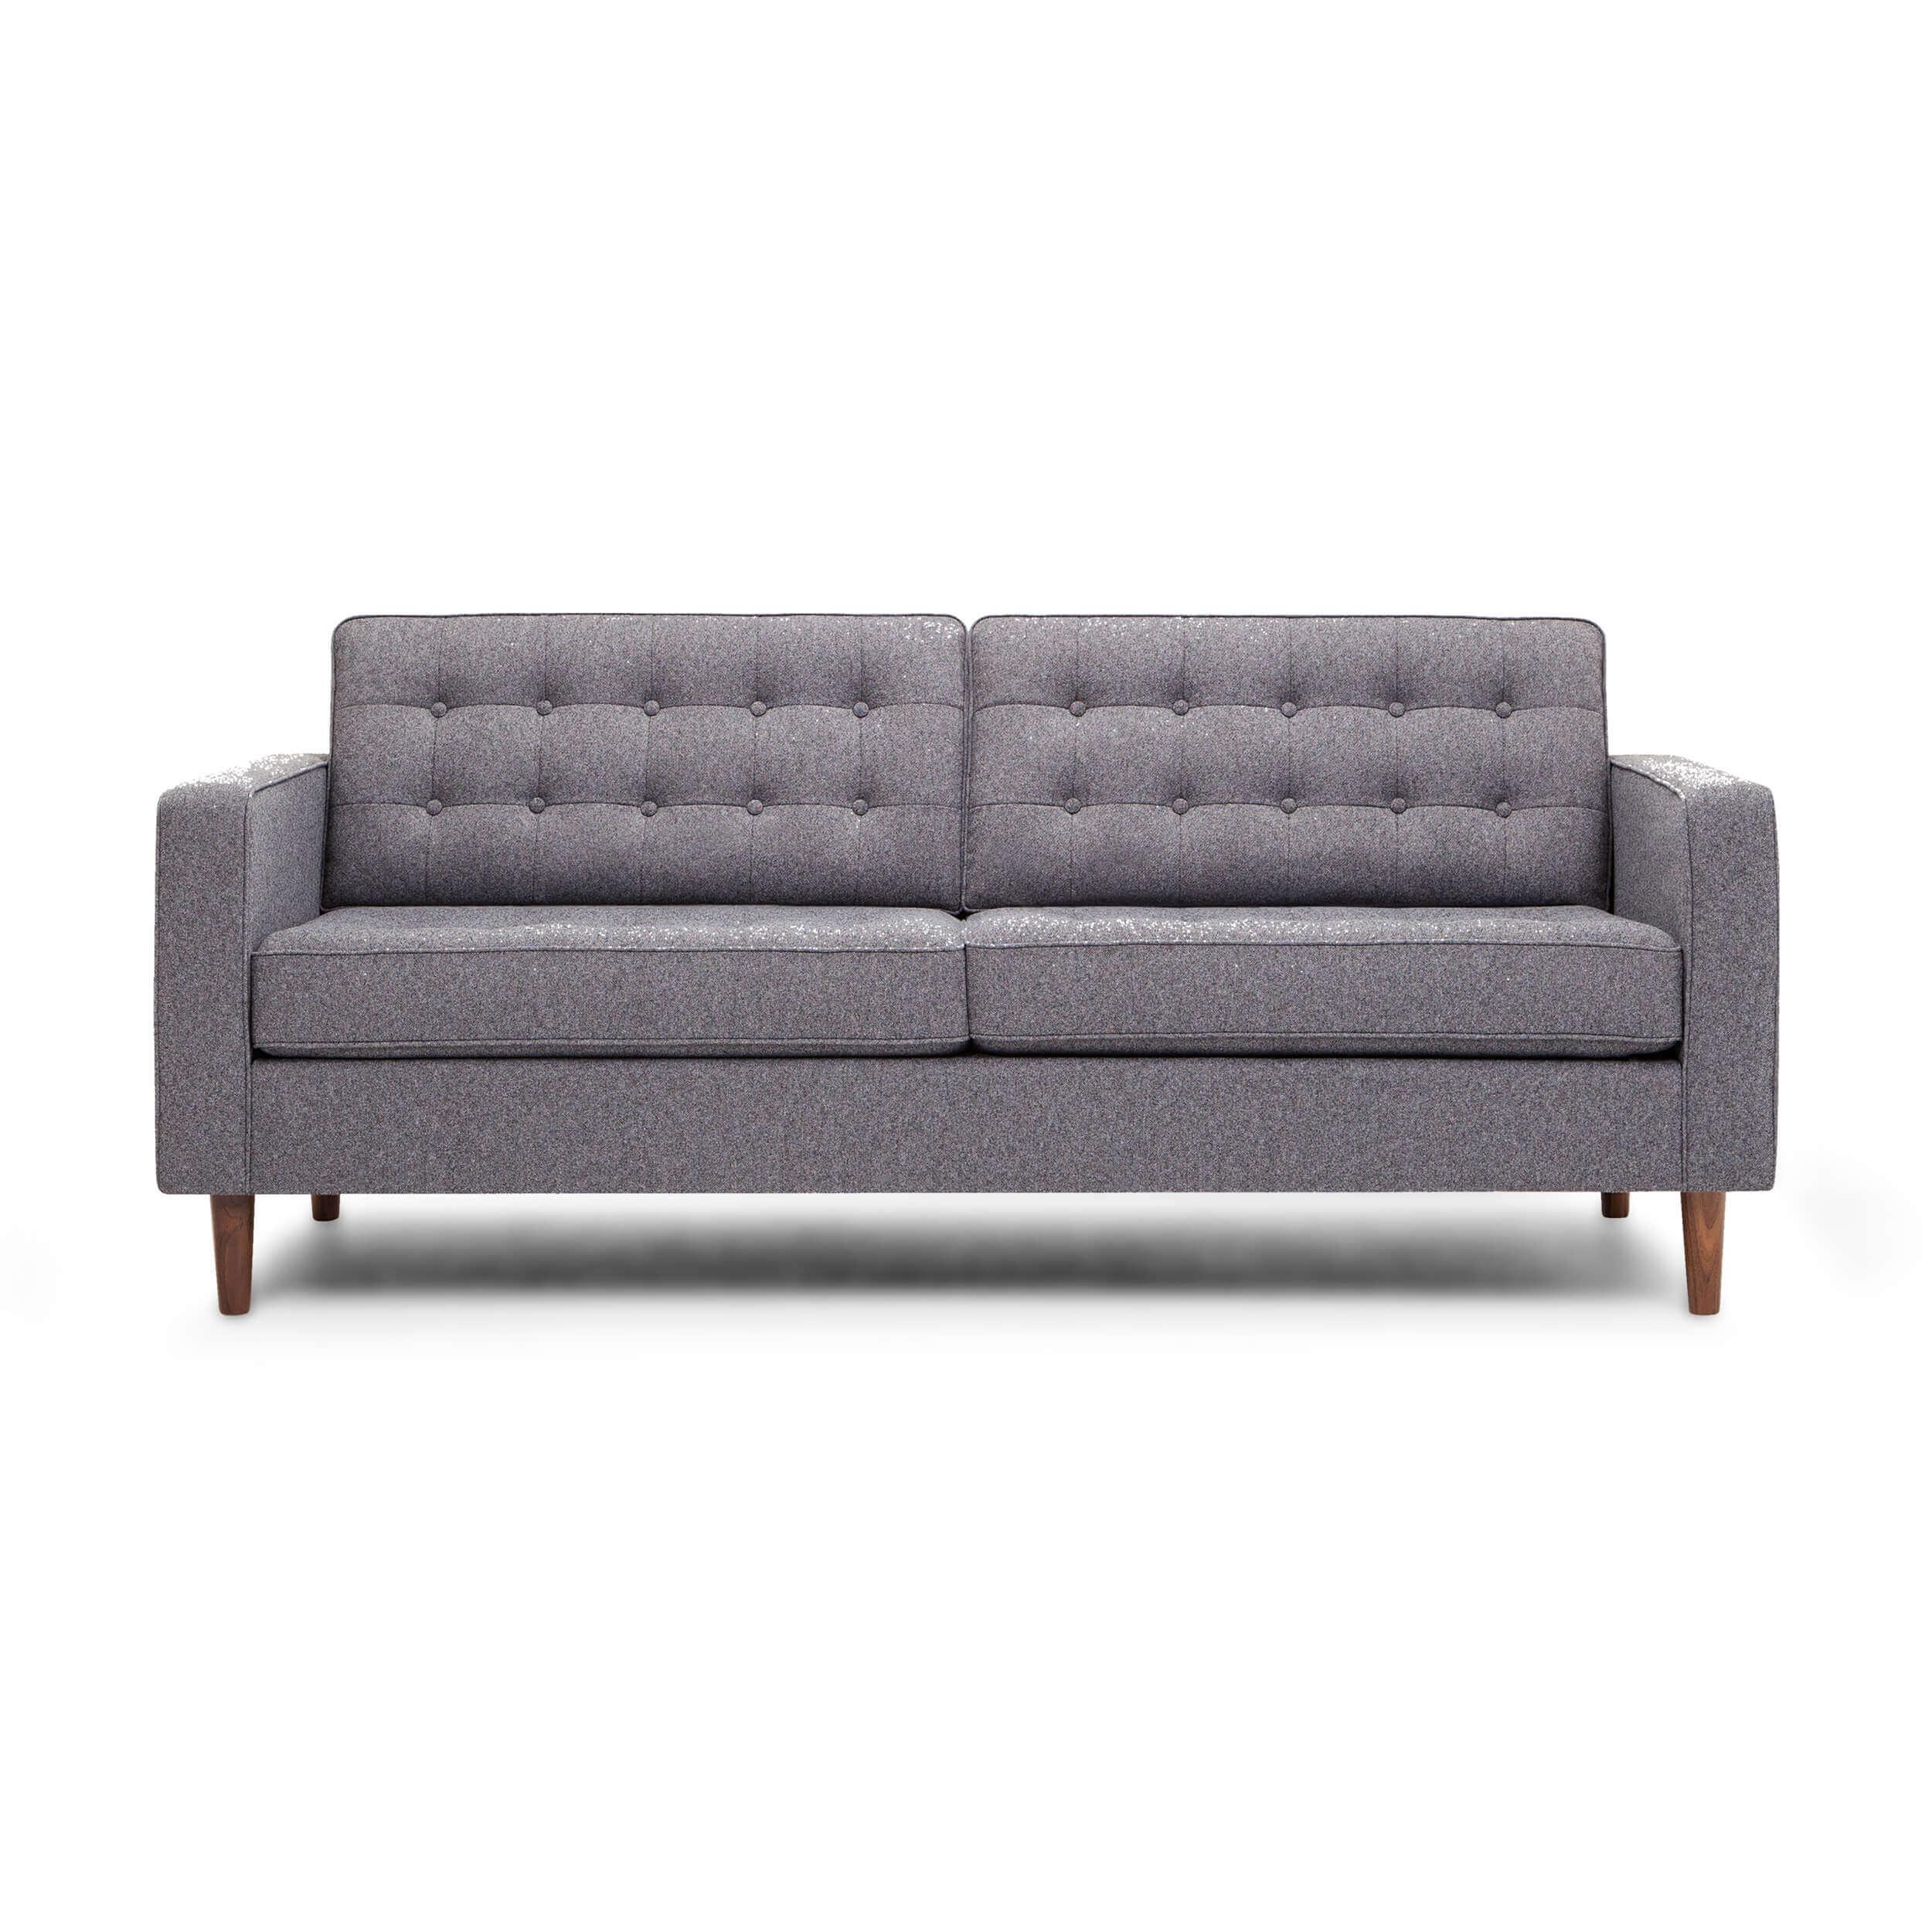 Reverie Apartment Sofa - Fabric